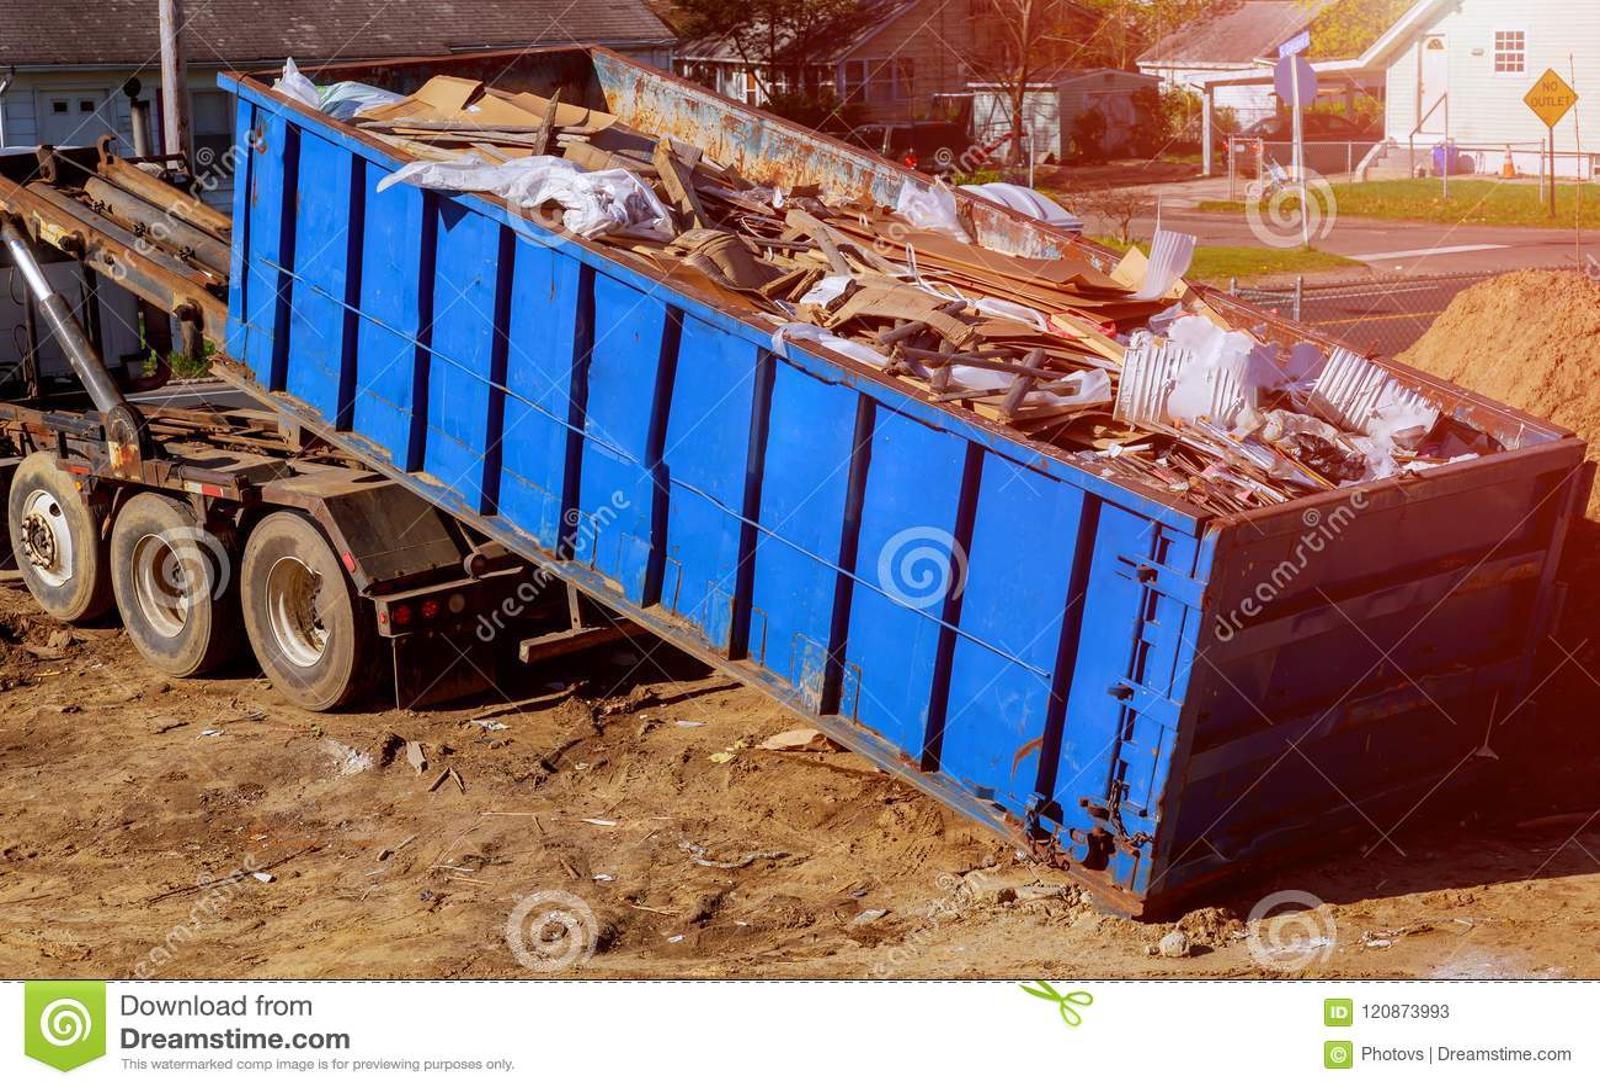 El envase azul de la ruina de construcción llenó de la roca y de escombros concretos Compartimiento de basura industrial